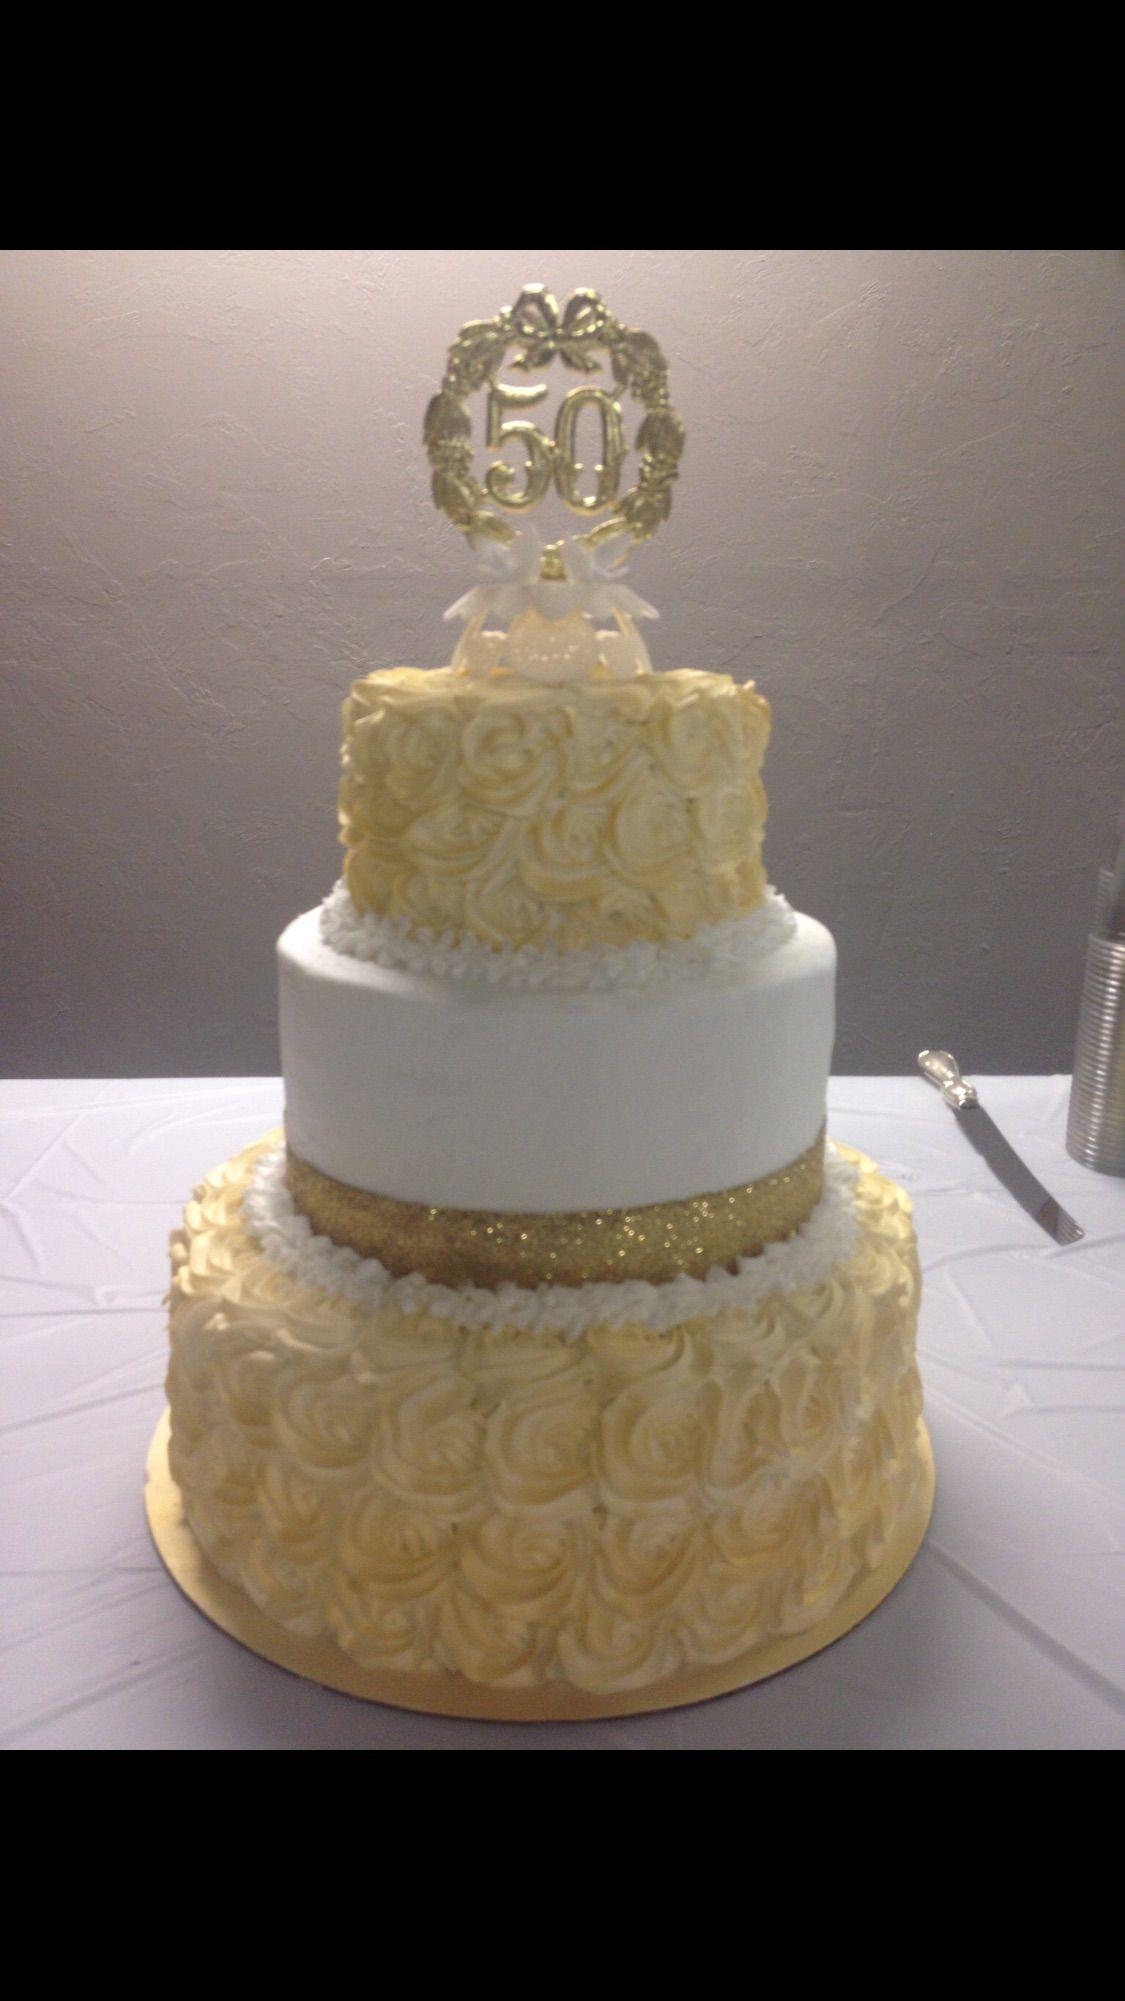 Anniversary cake I made 50th wedding anniversary cakes